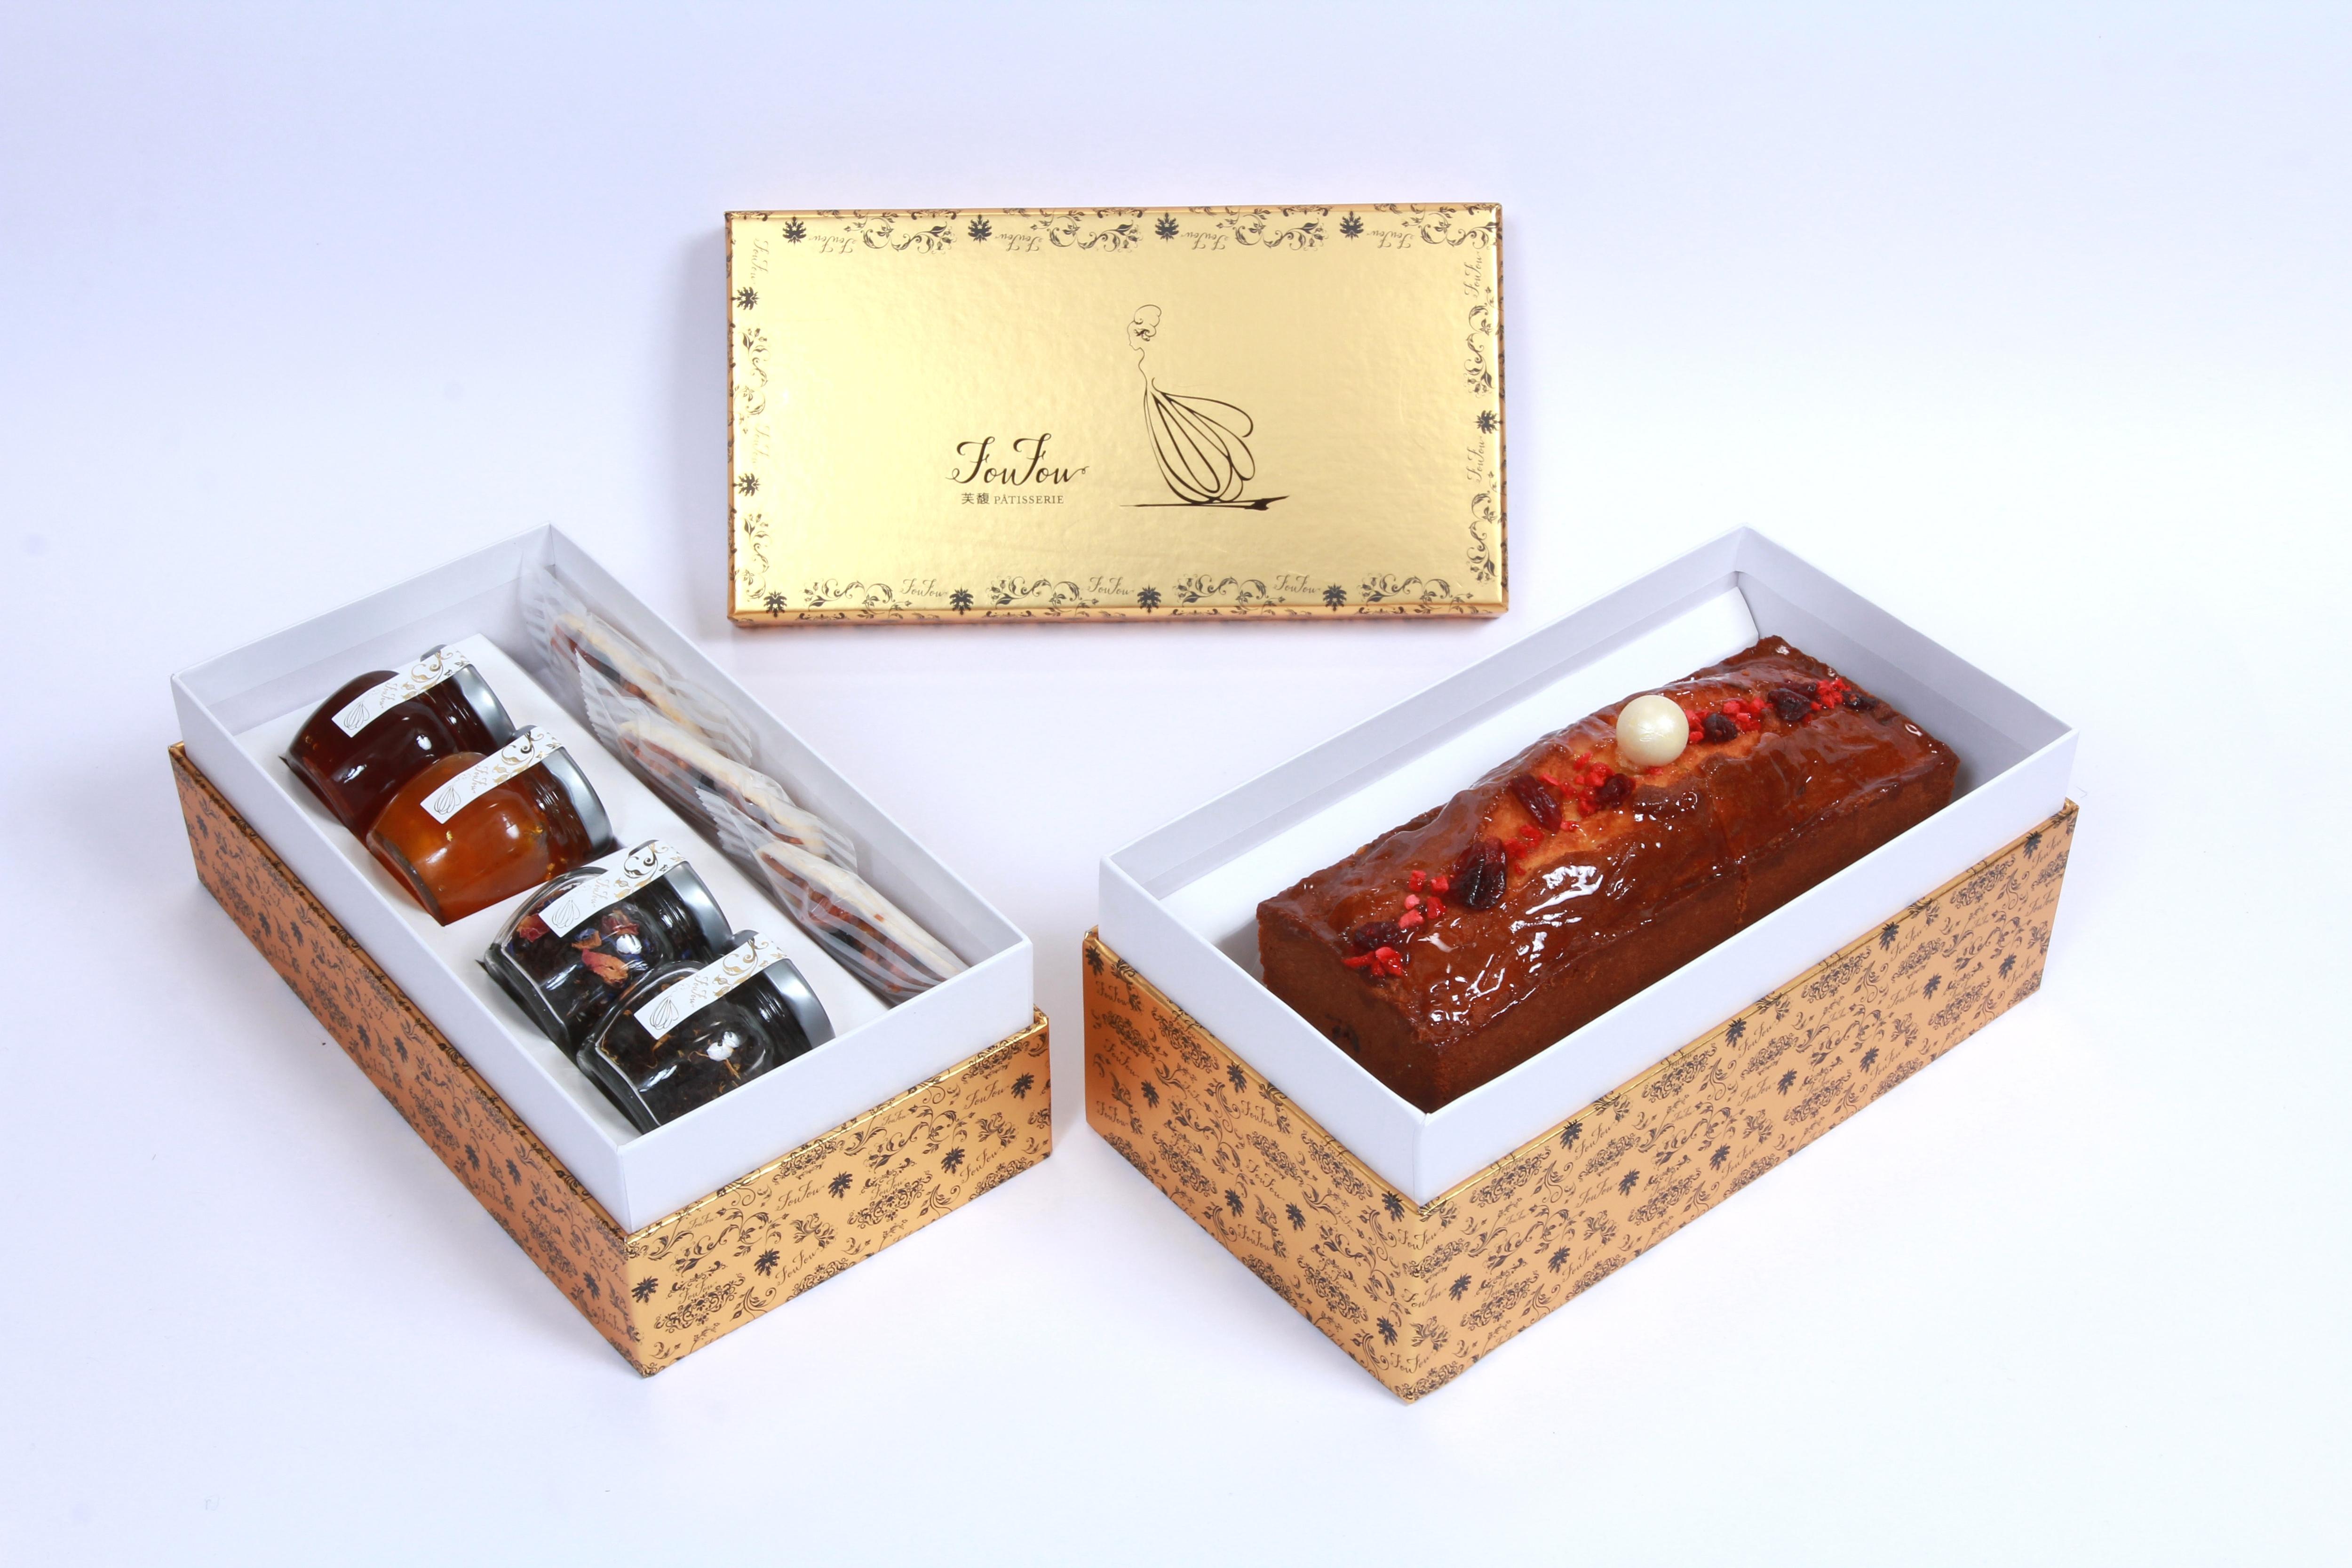 新年禮盒, 送禮, 過年, 禮盒, 華麗